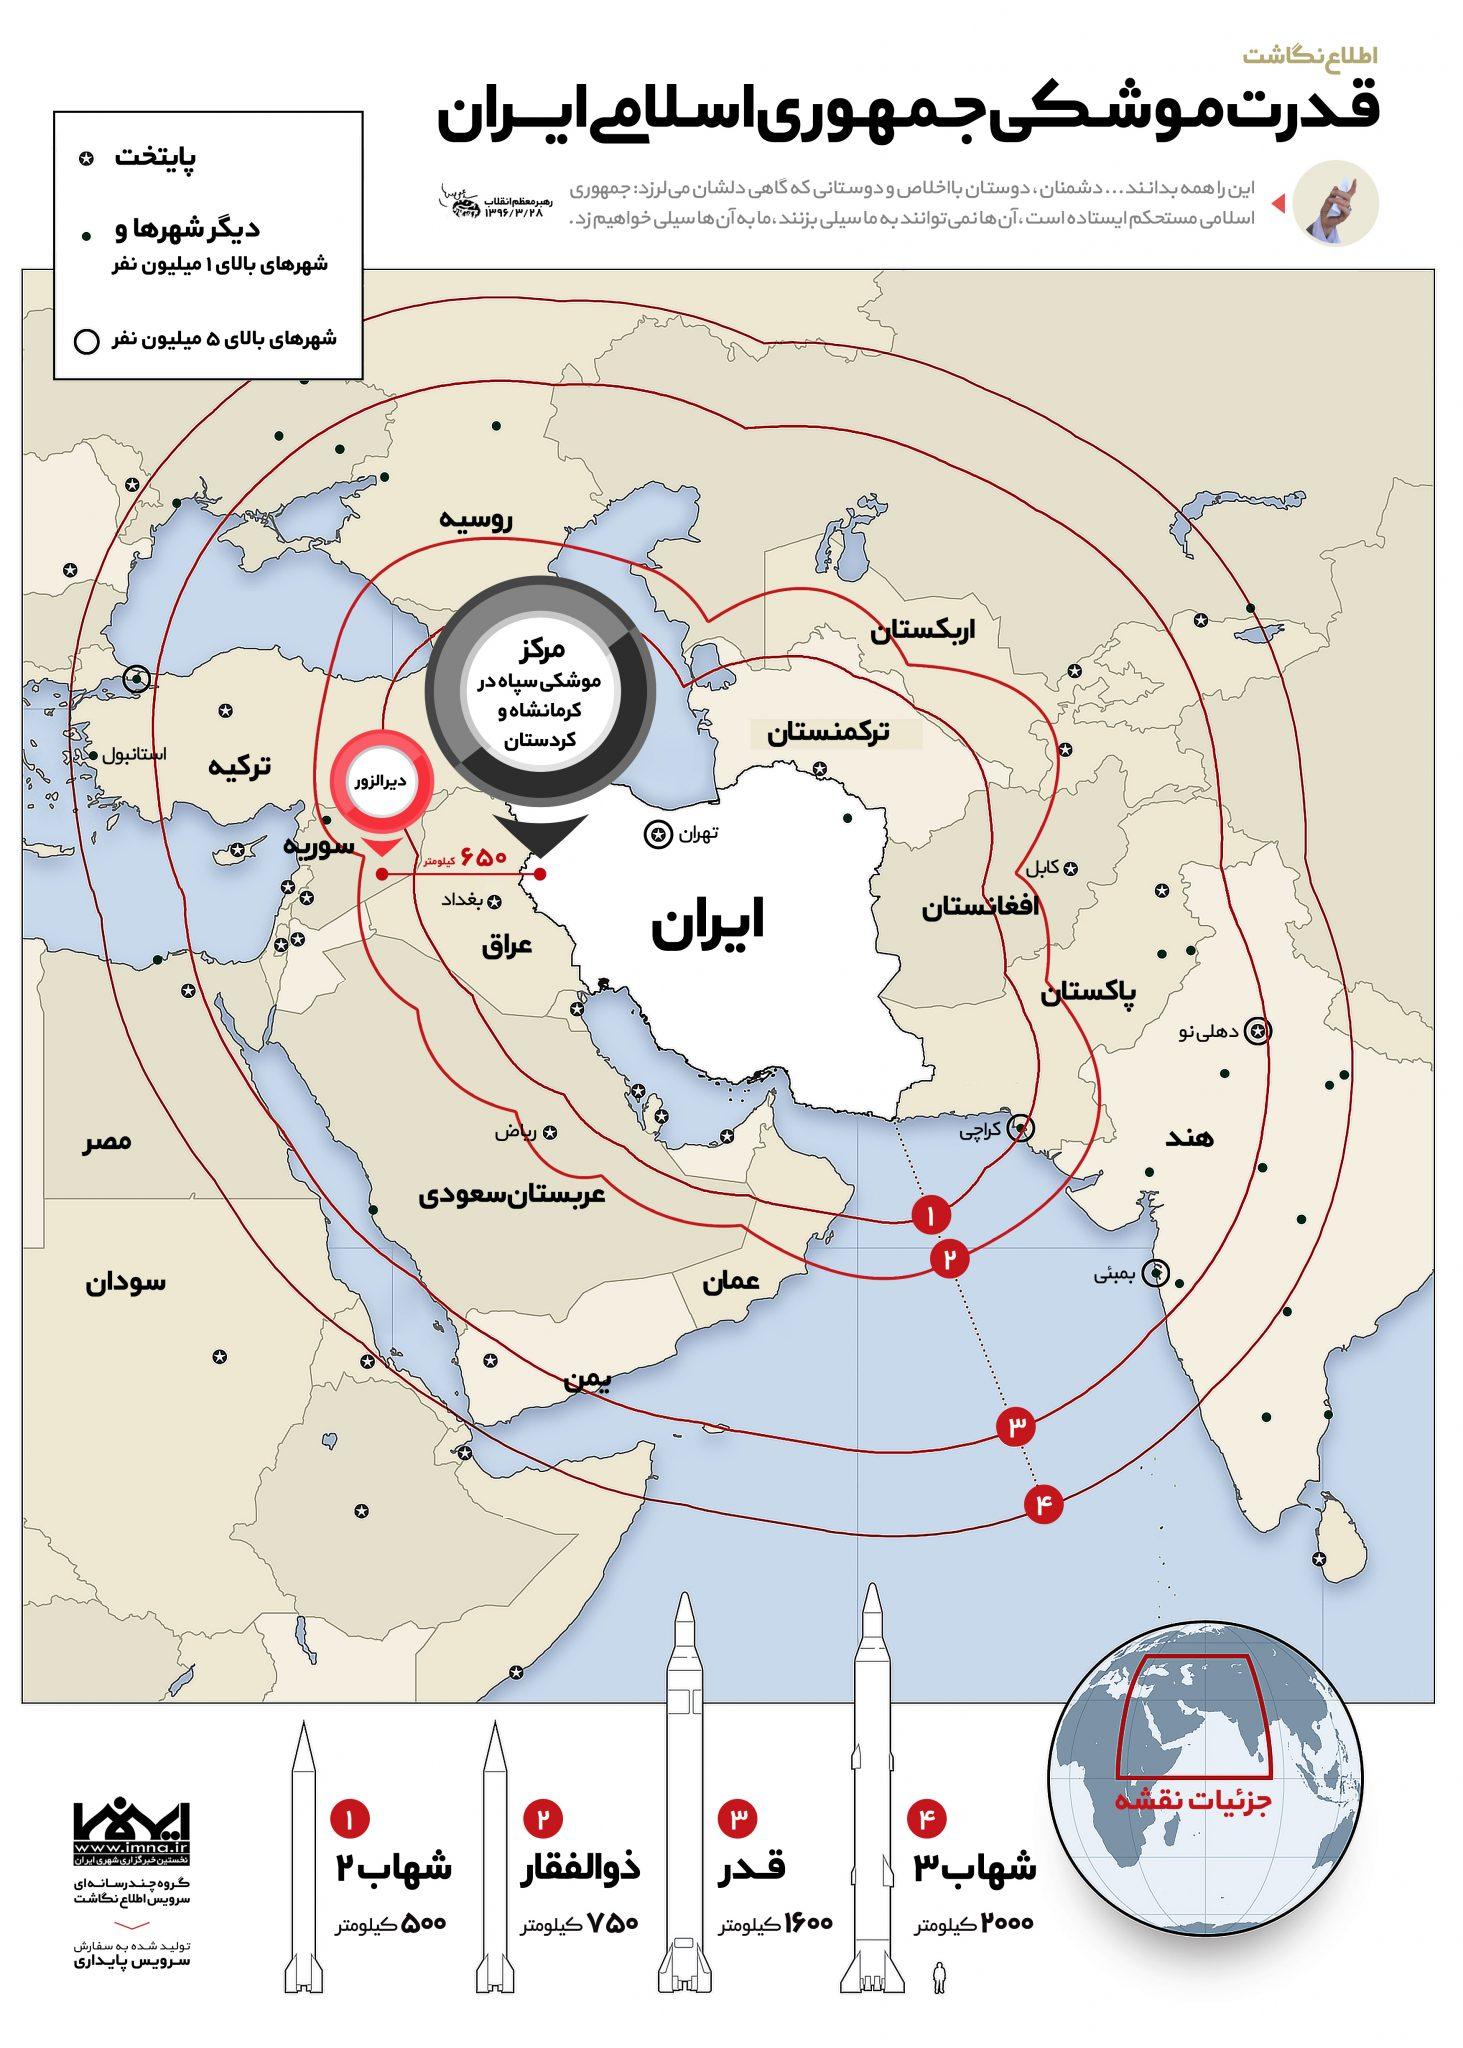 اینفوگرافیک قدرت موشکی جمهوری اسلامی ایران